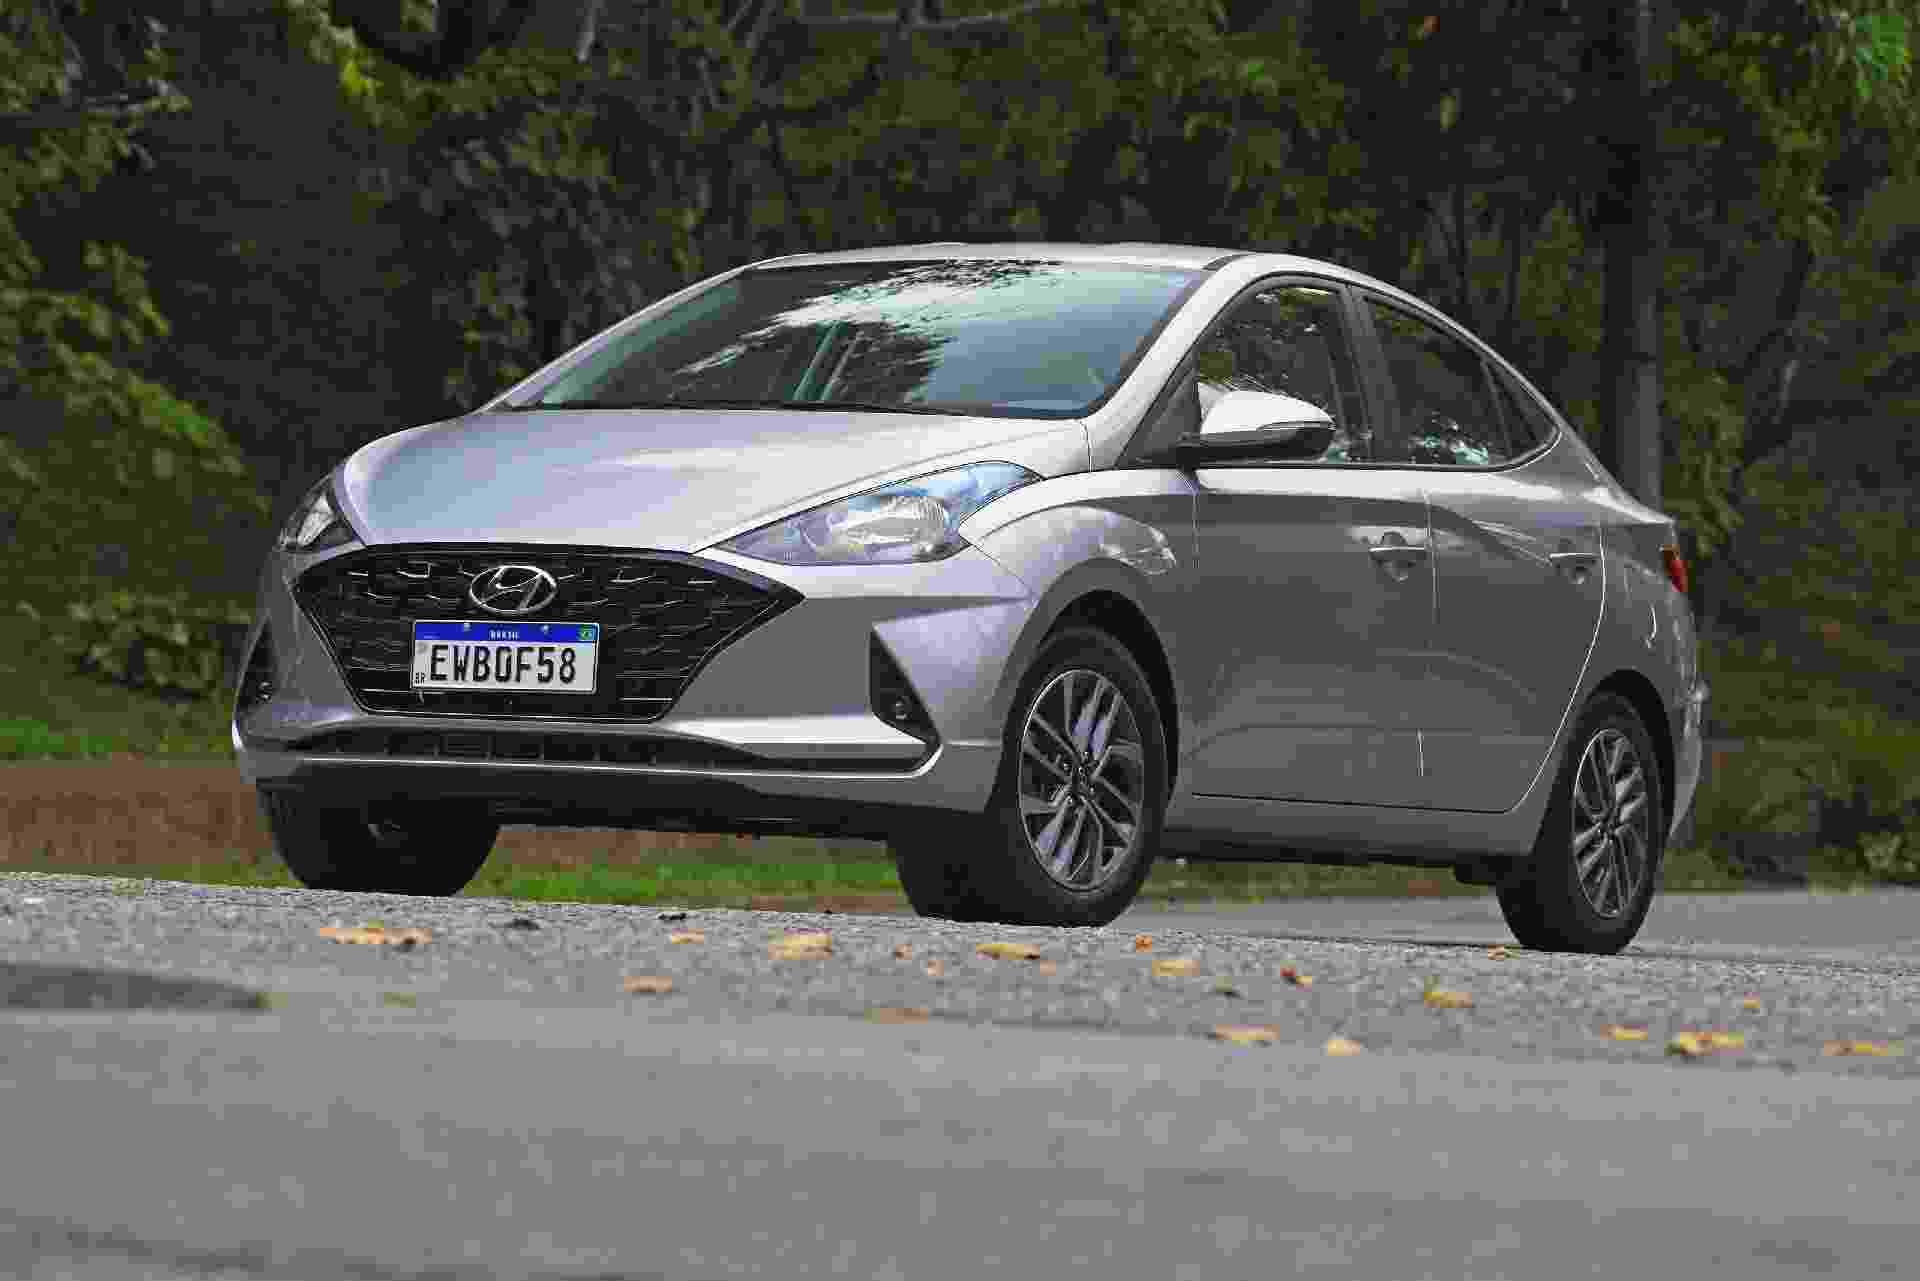 Hyundai HB20S Evolution 1.0 Turbo - Murilo Góes/UOL